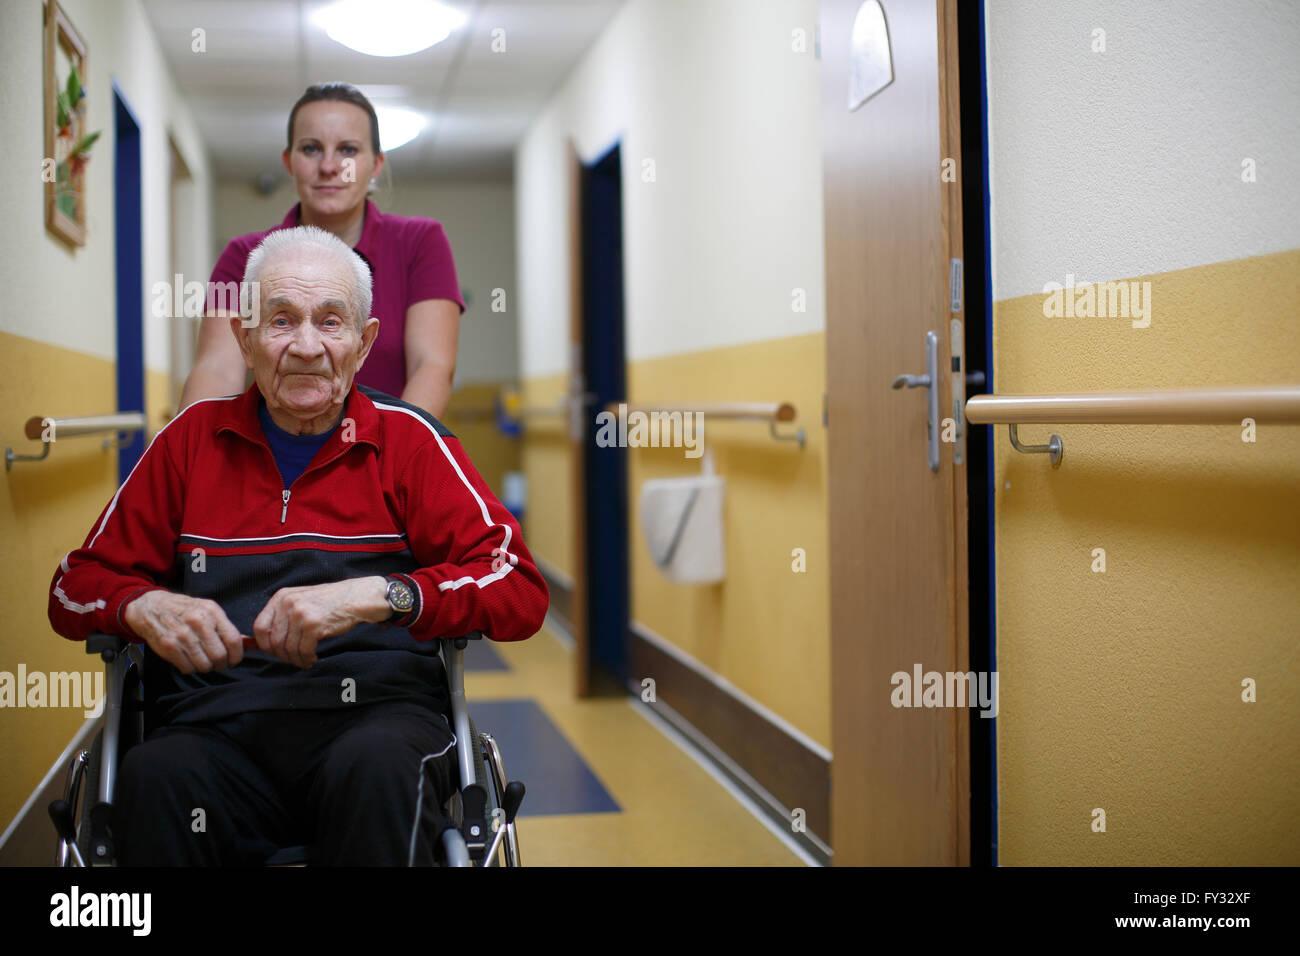 Senioren, 87 Jahre, Rollstuhl, Altenpfleger /-in der Altenpflege, häusliche Krankenpflege Stockfoto